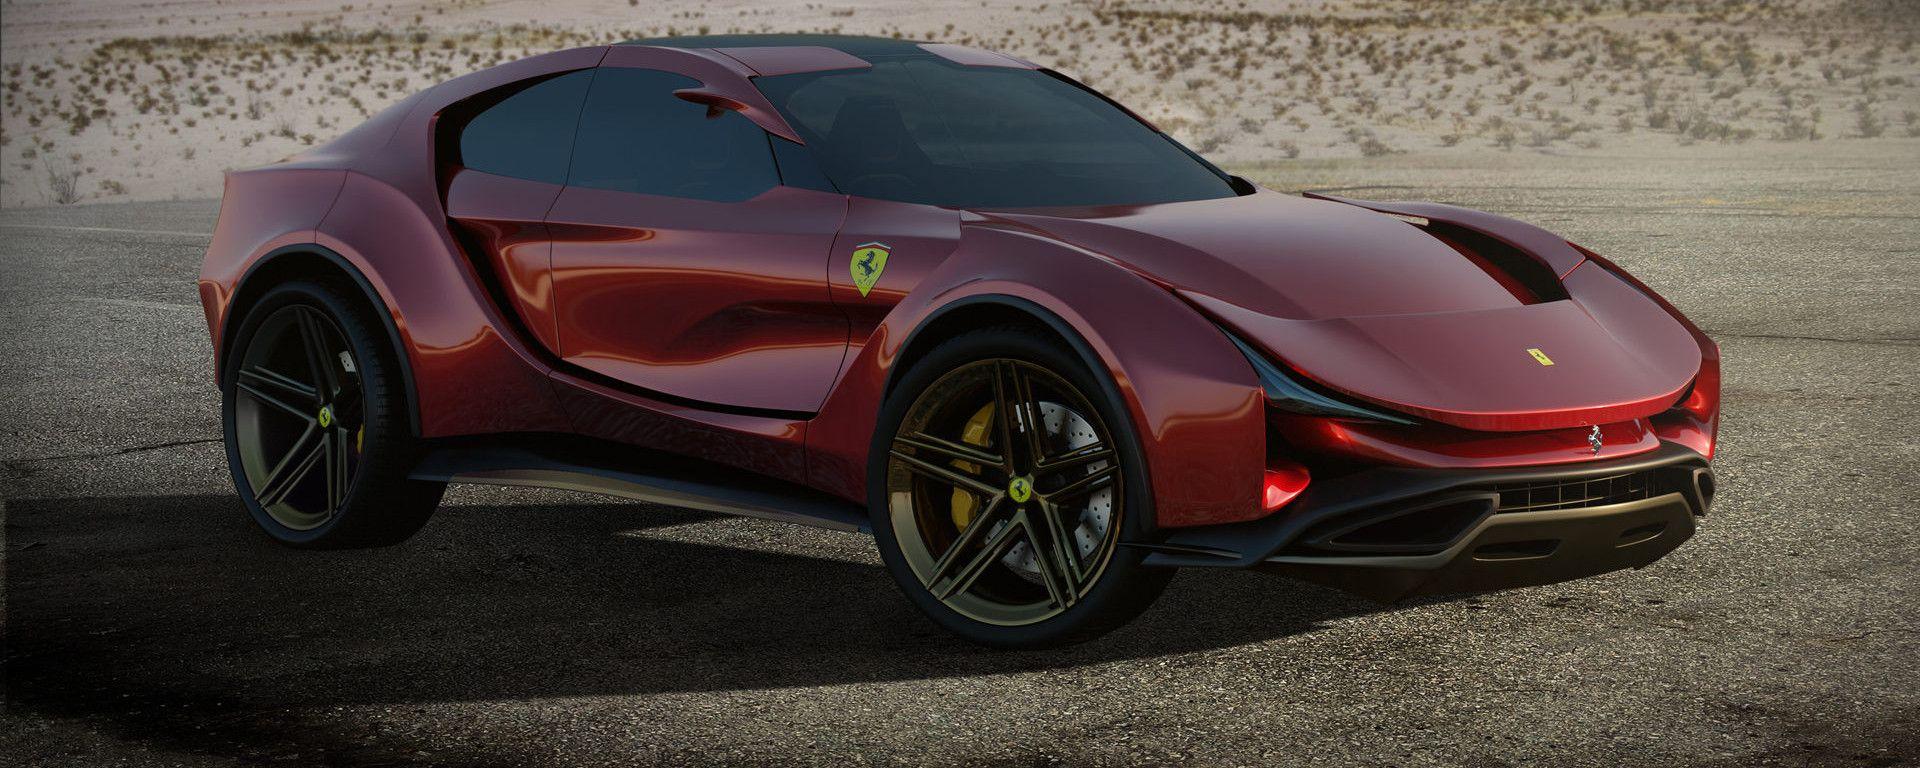 Concept non ufficiale Ferrari Simoom by Dejan Hristov: un rendering che fa sognare